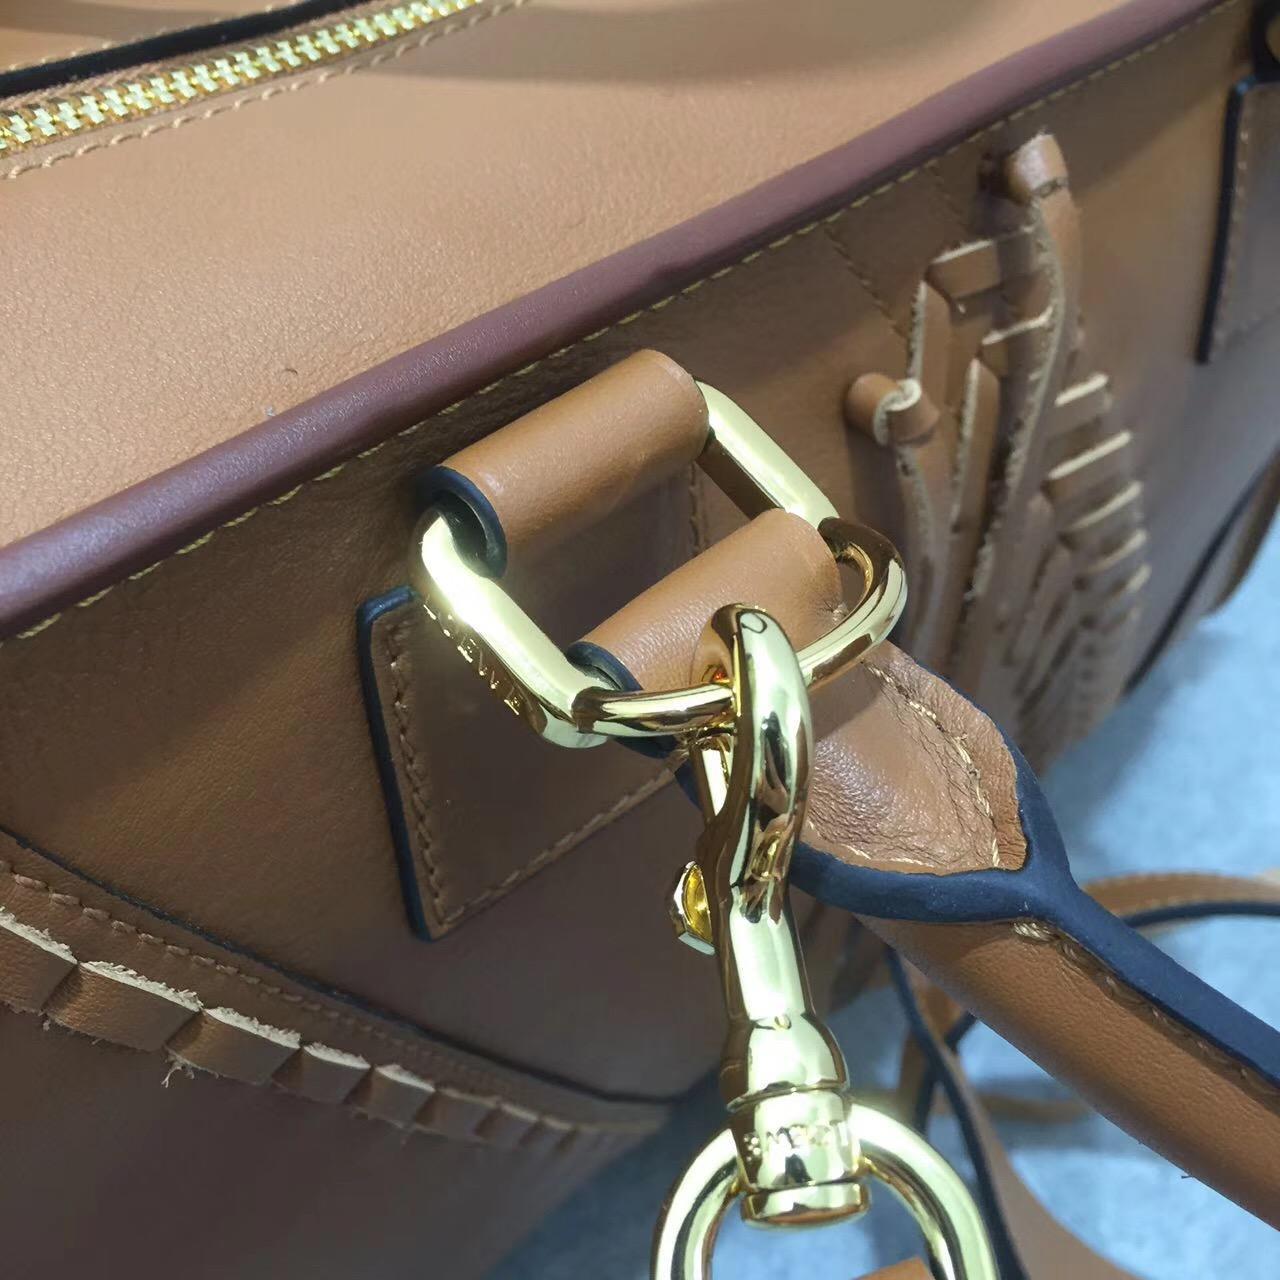 羅意威 Amazona 系列小牛皮 經典編織款大號手袋